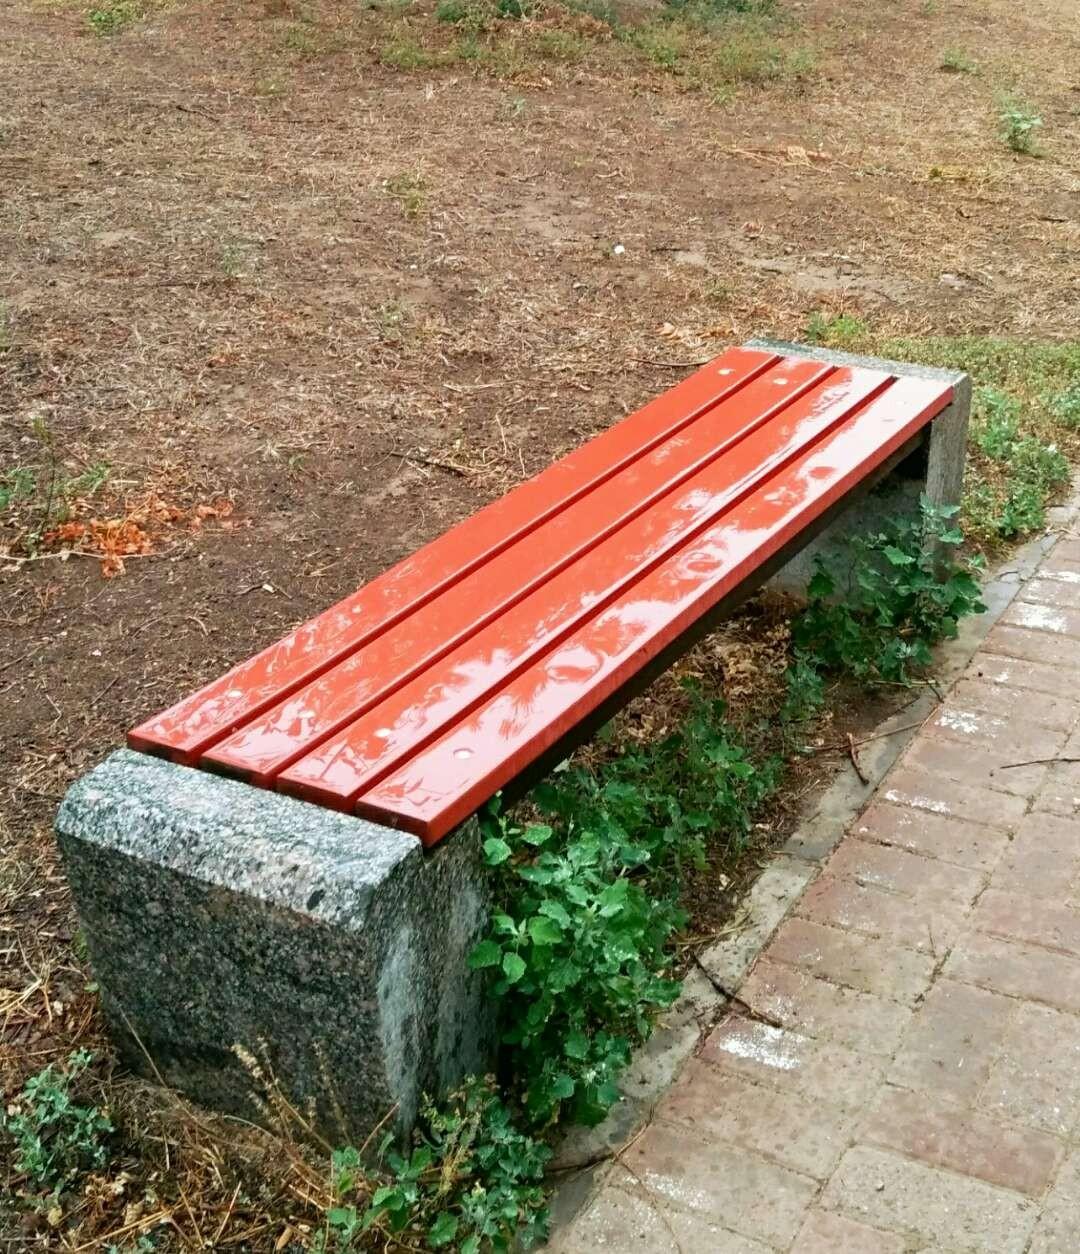 言日: 雨湿的条椅_图1-1